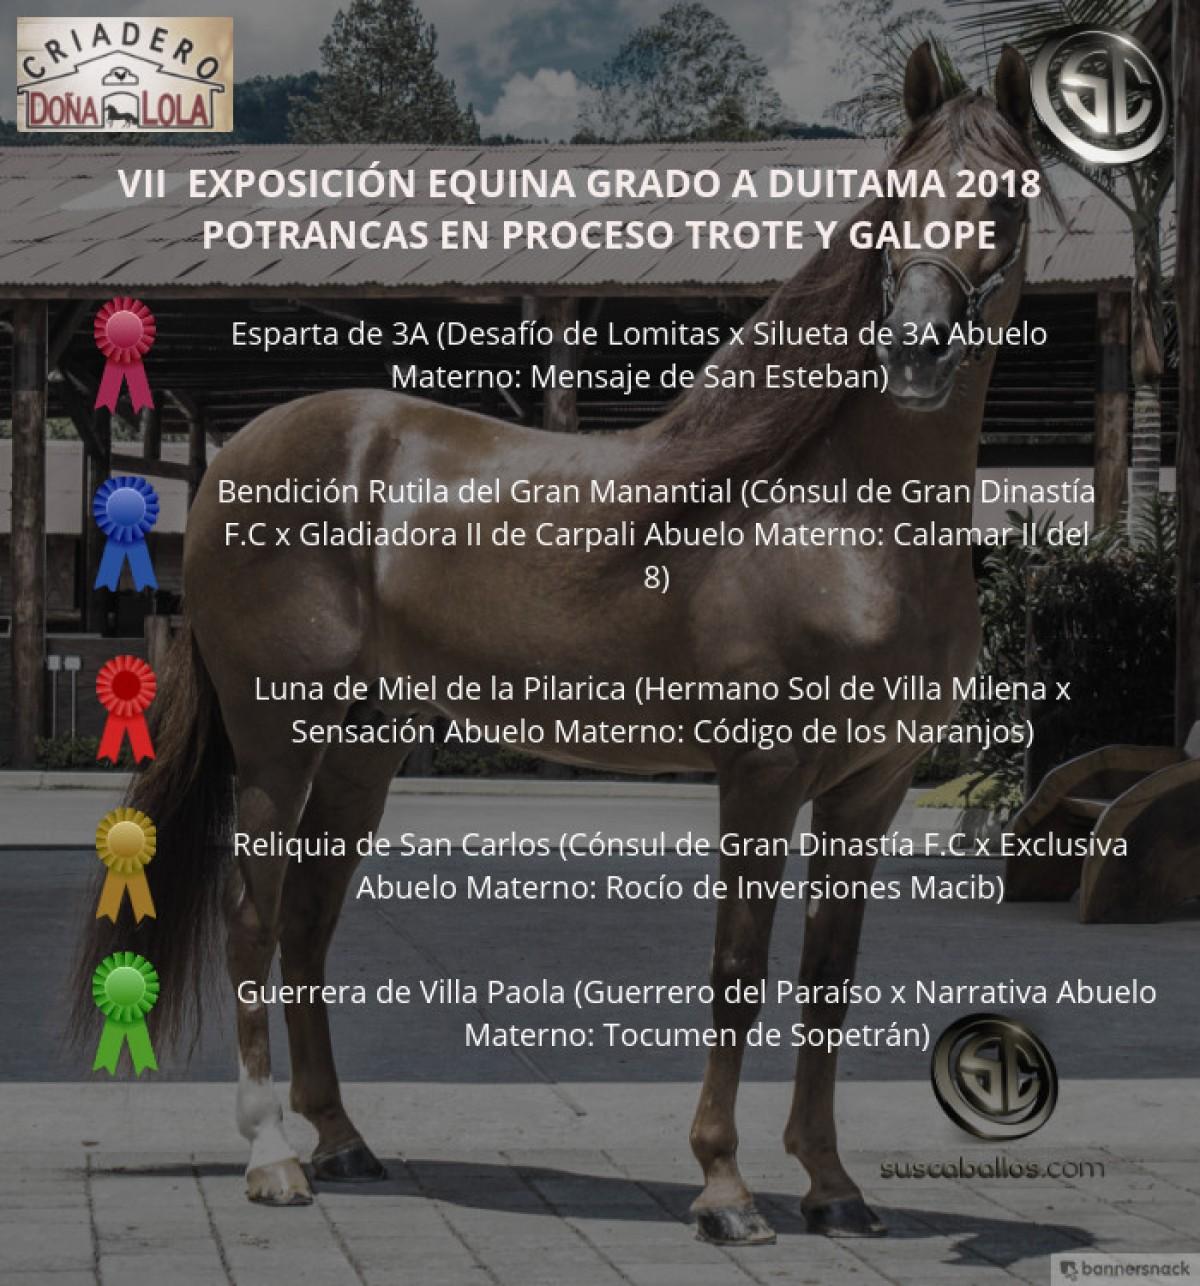 VÍDEO: Esparta Mejor, Bendición 1P, Trote Y Galope, Duitama 2018